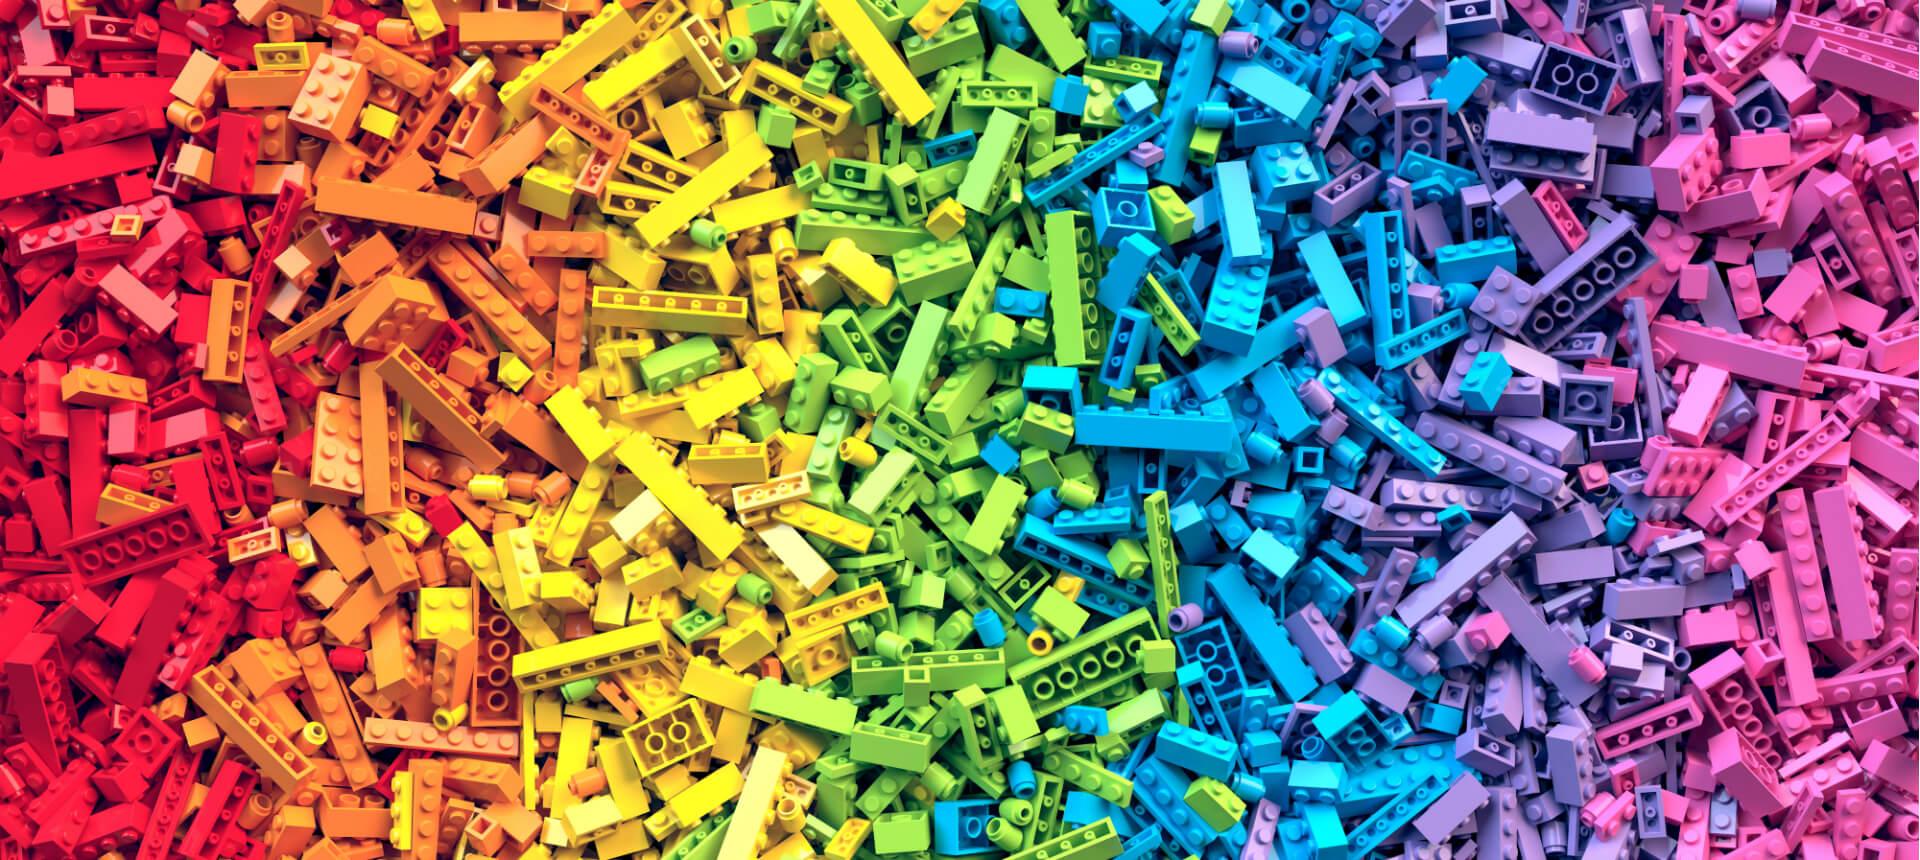 Polymersteine Lego